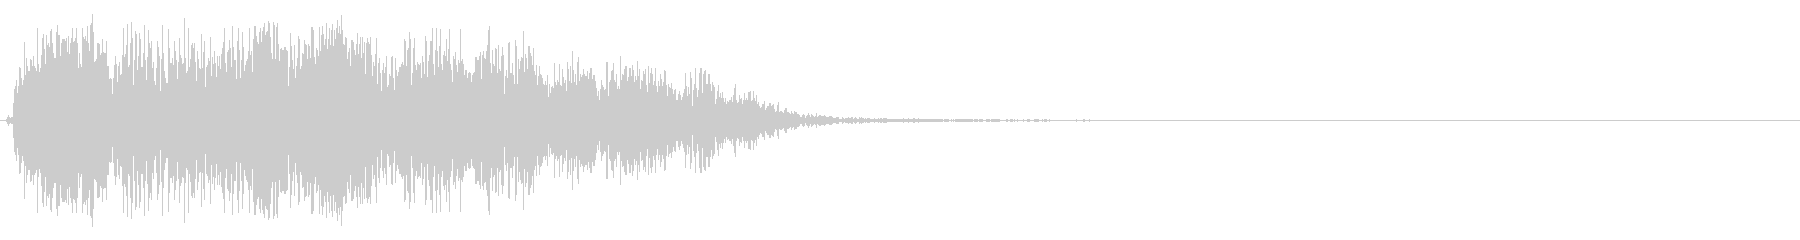 バァーン(空間の広がりを感じる効果音)の未再生の波形